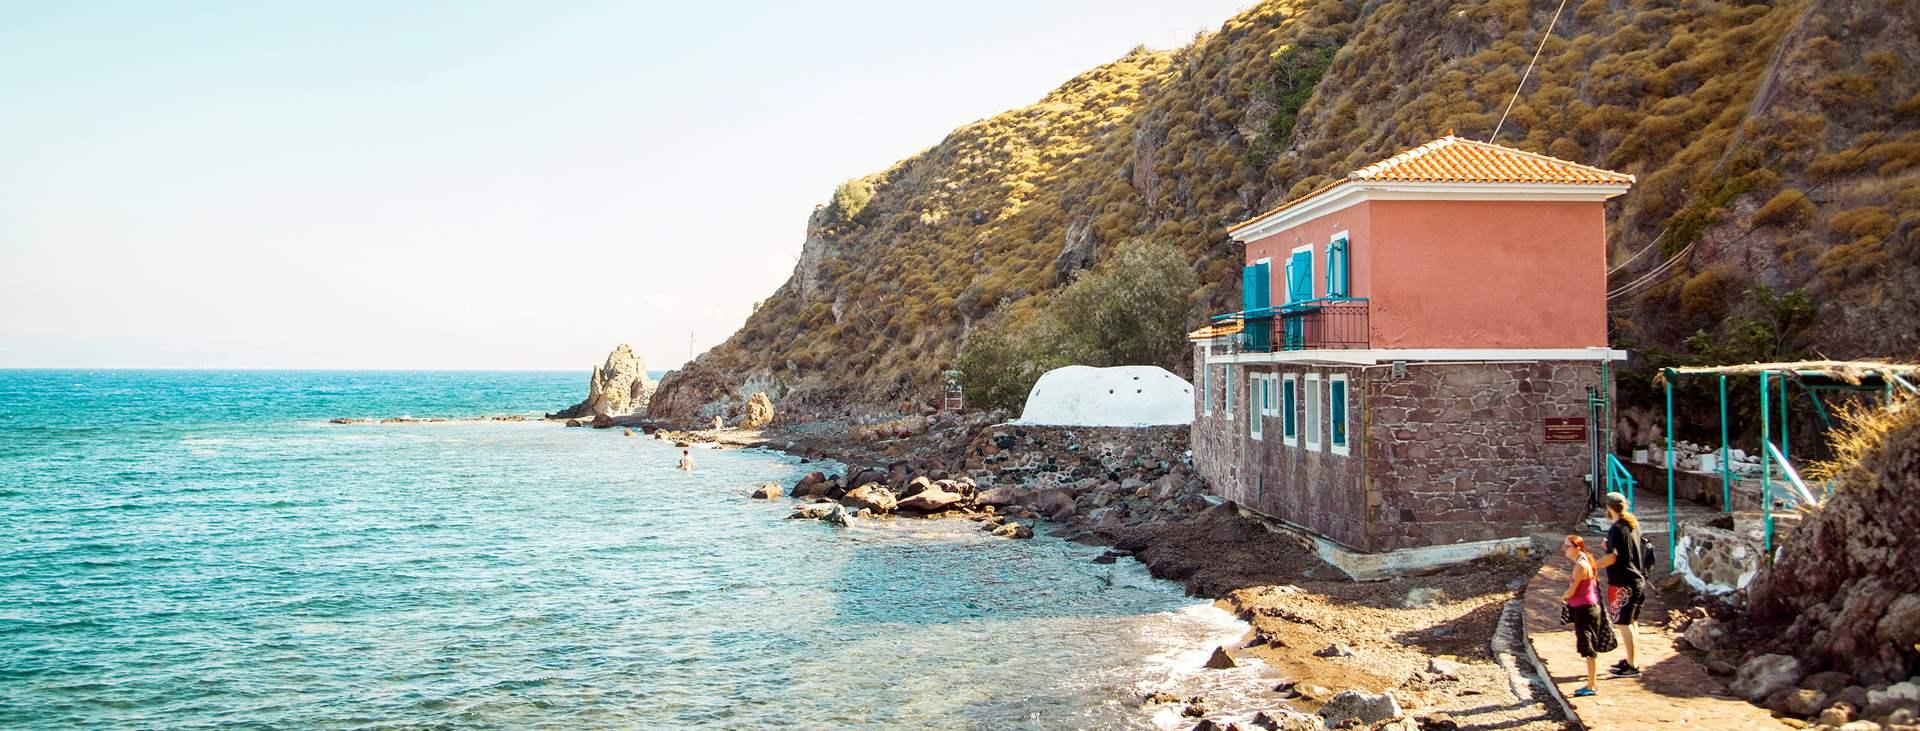 Reis til Eftalou på den greske øya Lesvos